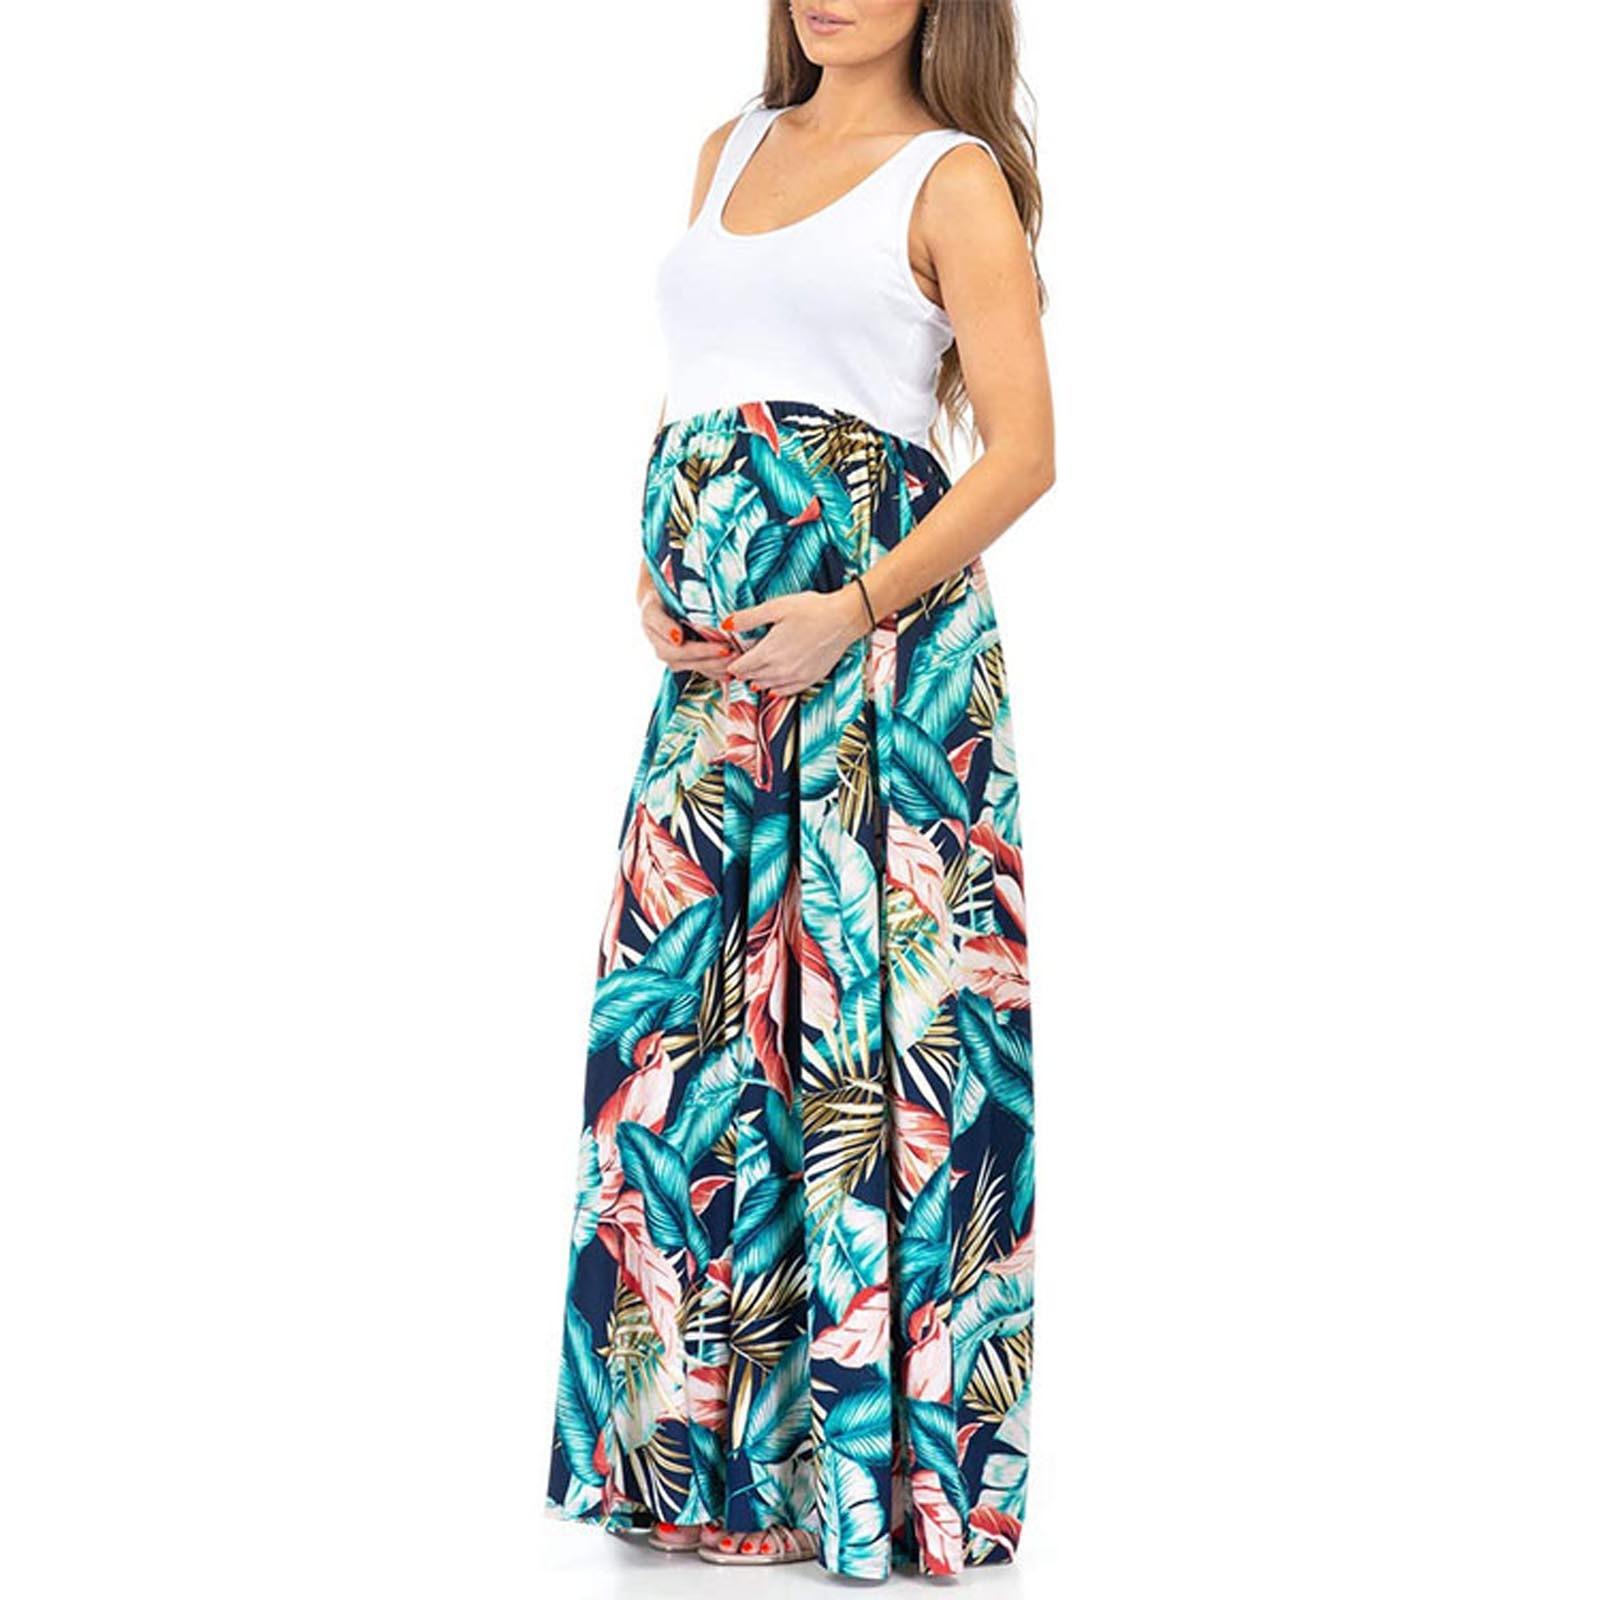 Ropa sin mangas para mujeres embarazadas, chaleco con estampado De hojas, Vestido Sexy informal De maternidad, Vestido informal para embarazadas